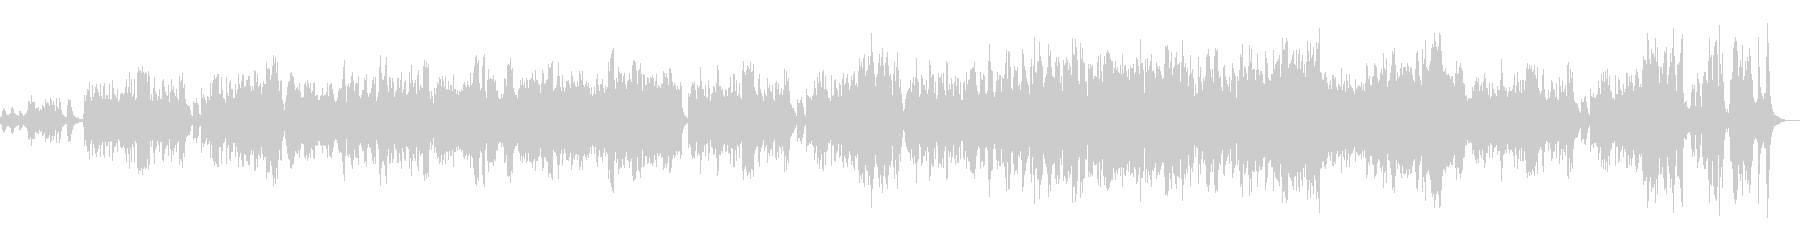 メルヘンチックのワルツの未再生の波形